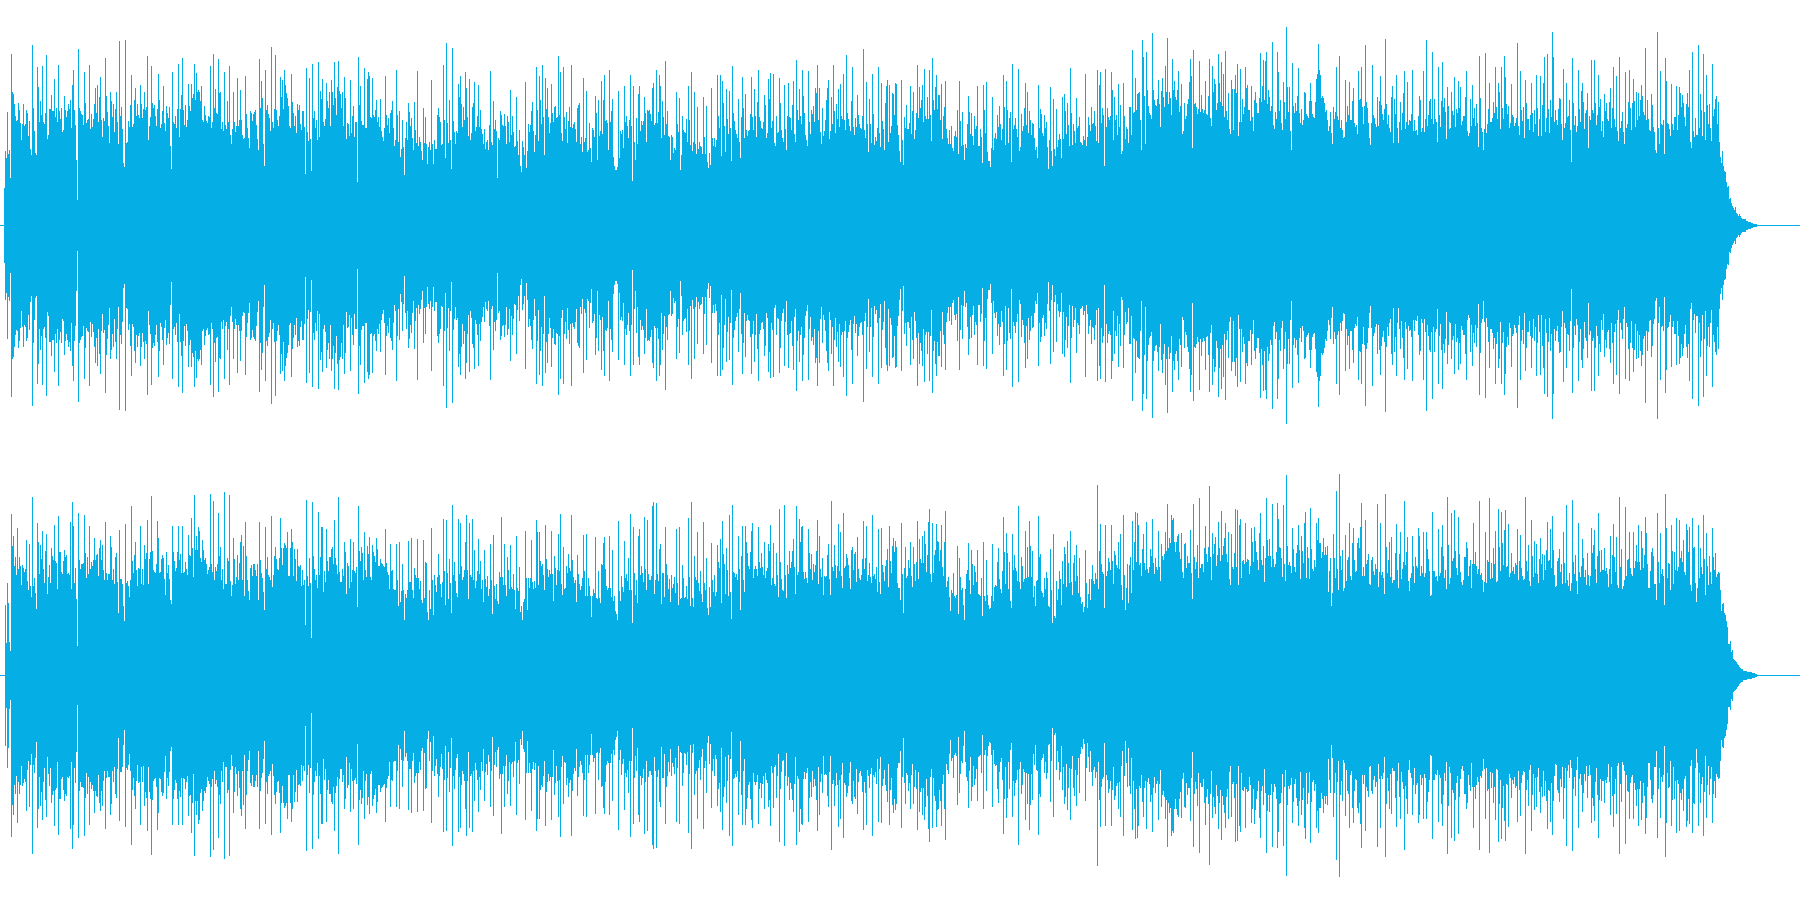 乾いた風のブルージーなアメリカンロックの再生済みの波形